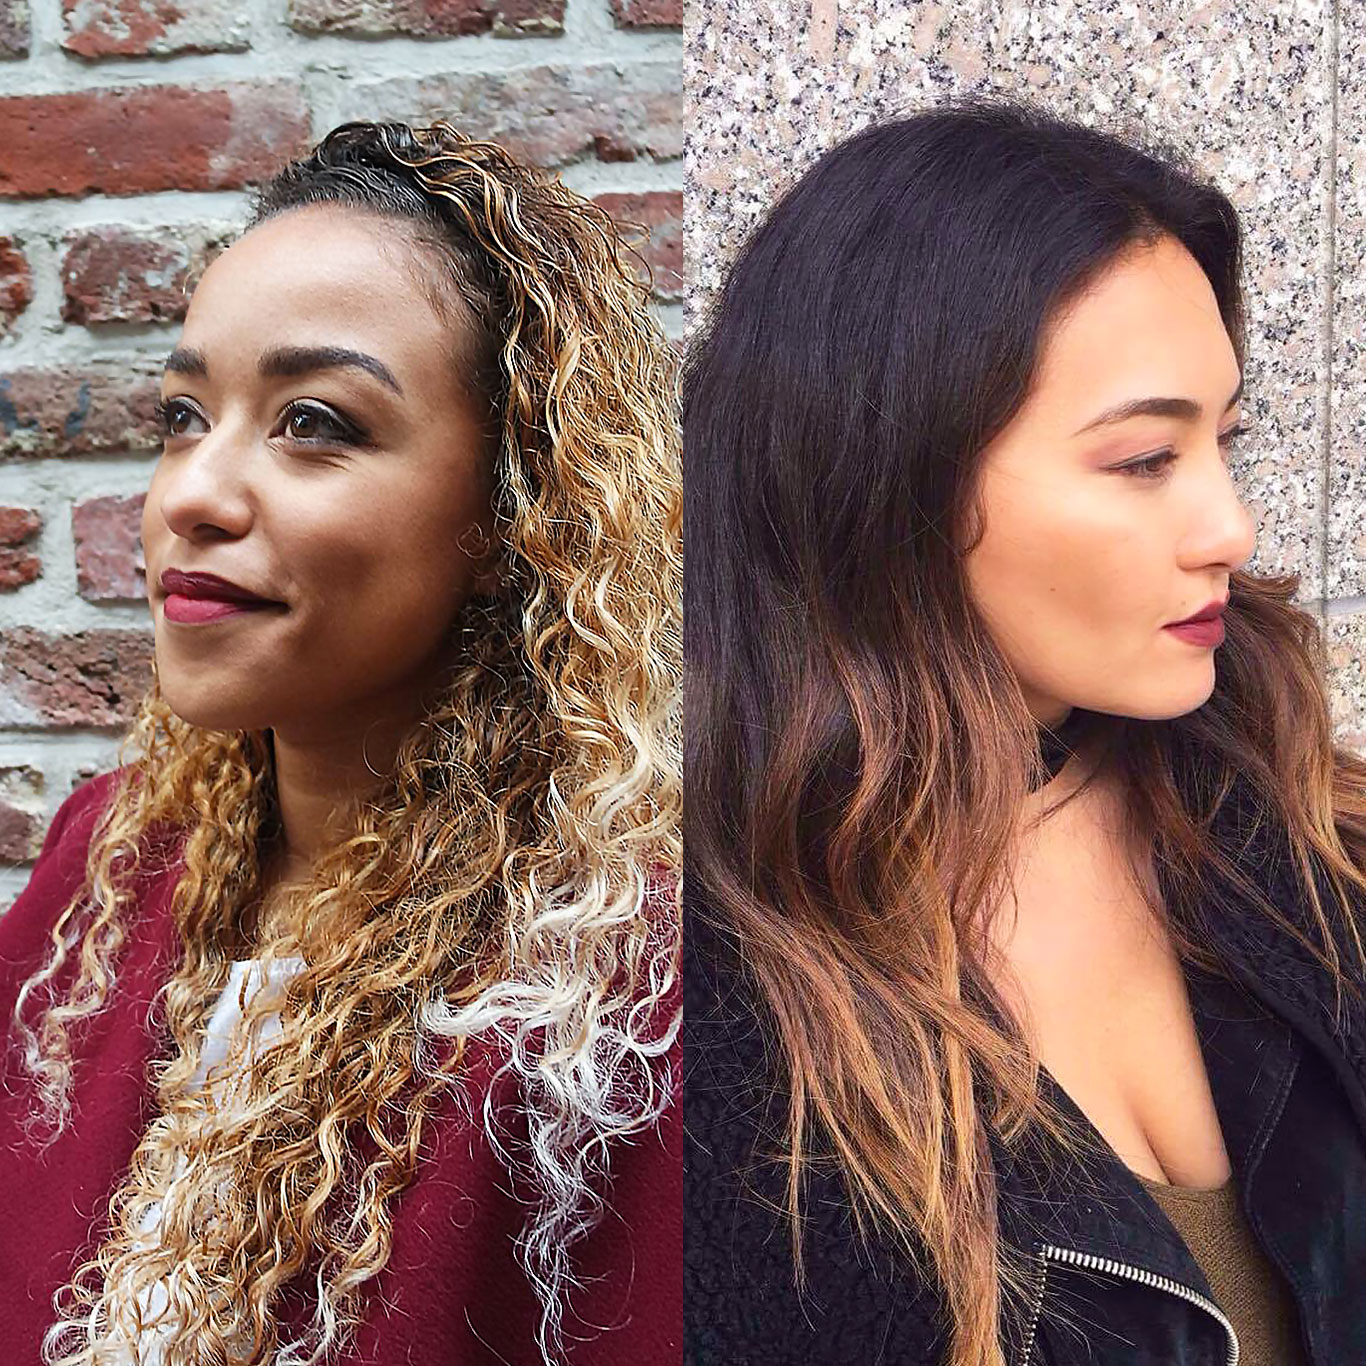 zalando-creative-content-award-belgium-canada-blog-style-mode-makeup